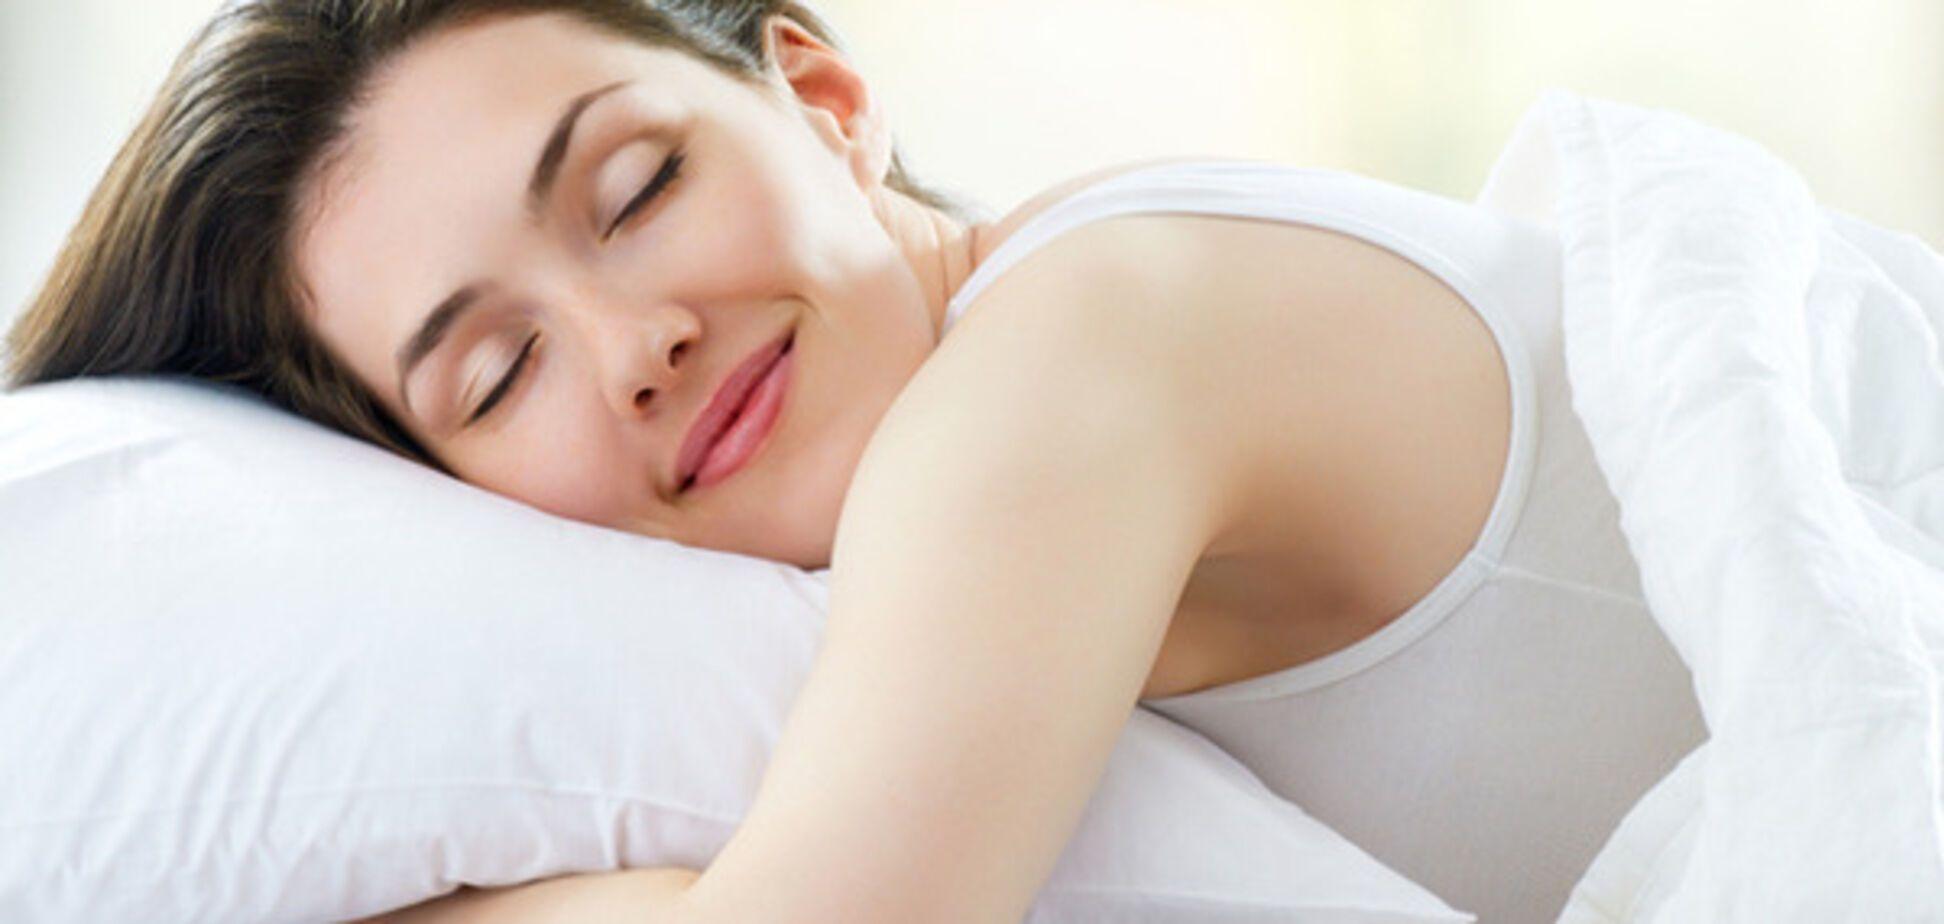 Вчені назвали точну кількість сну, яка робить людей щасливими